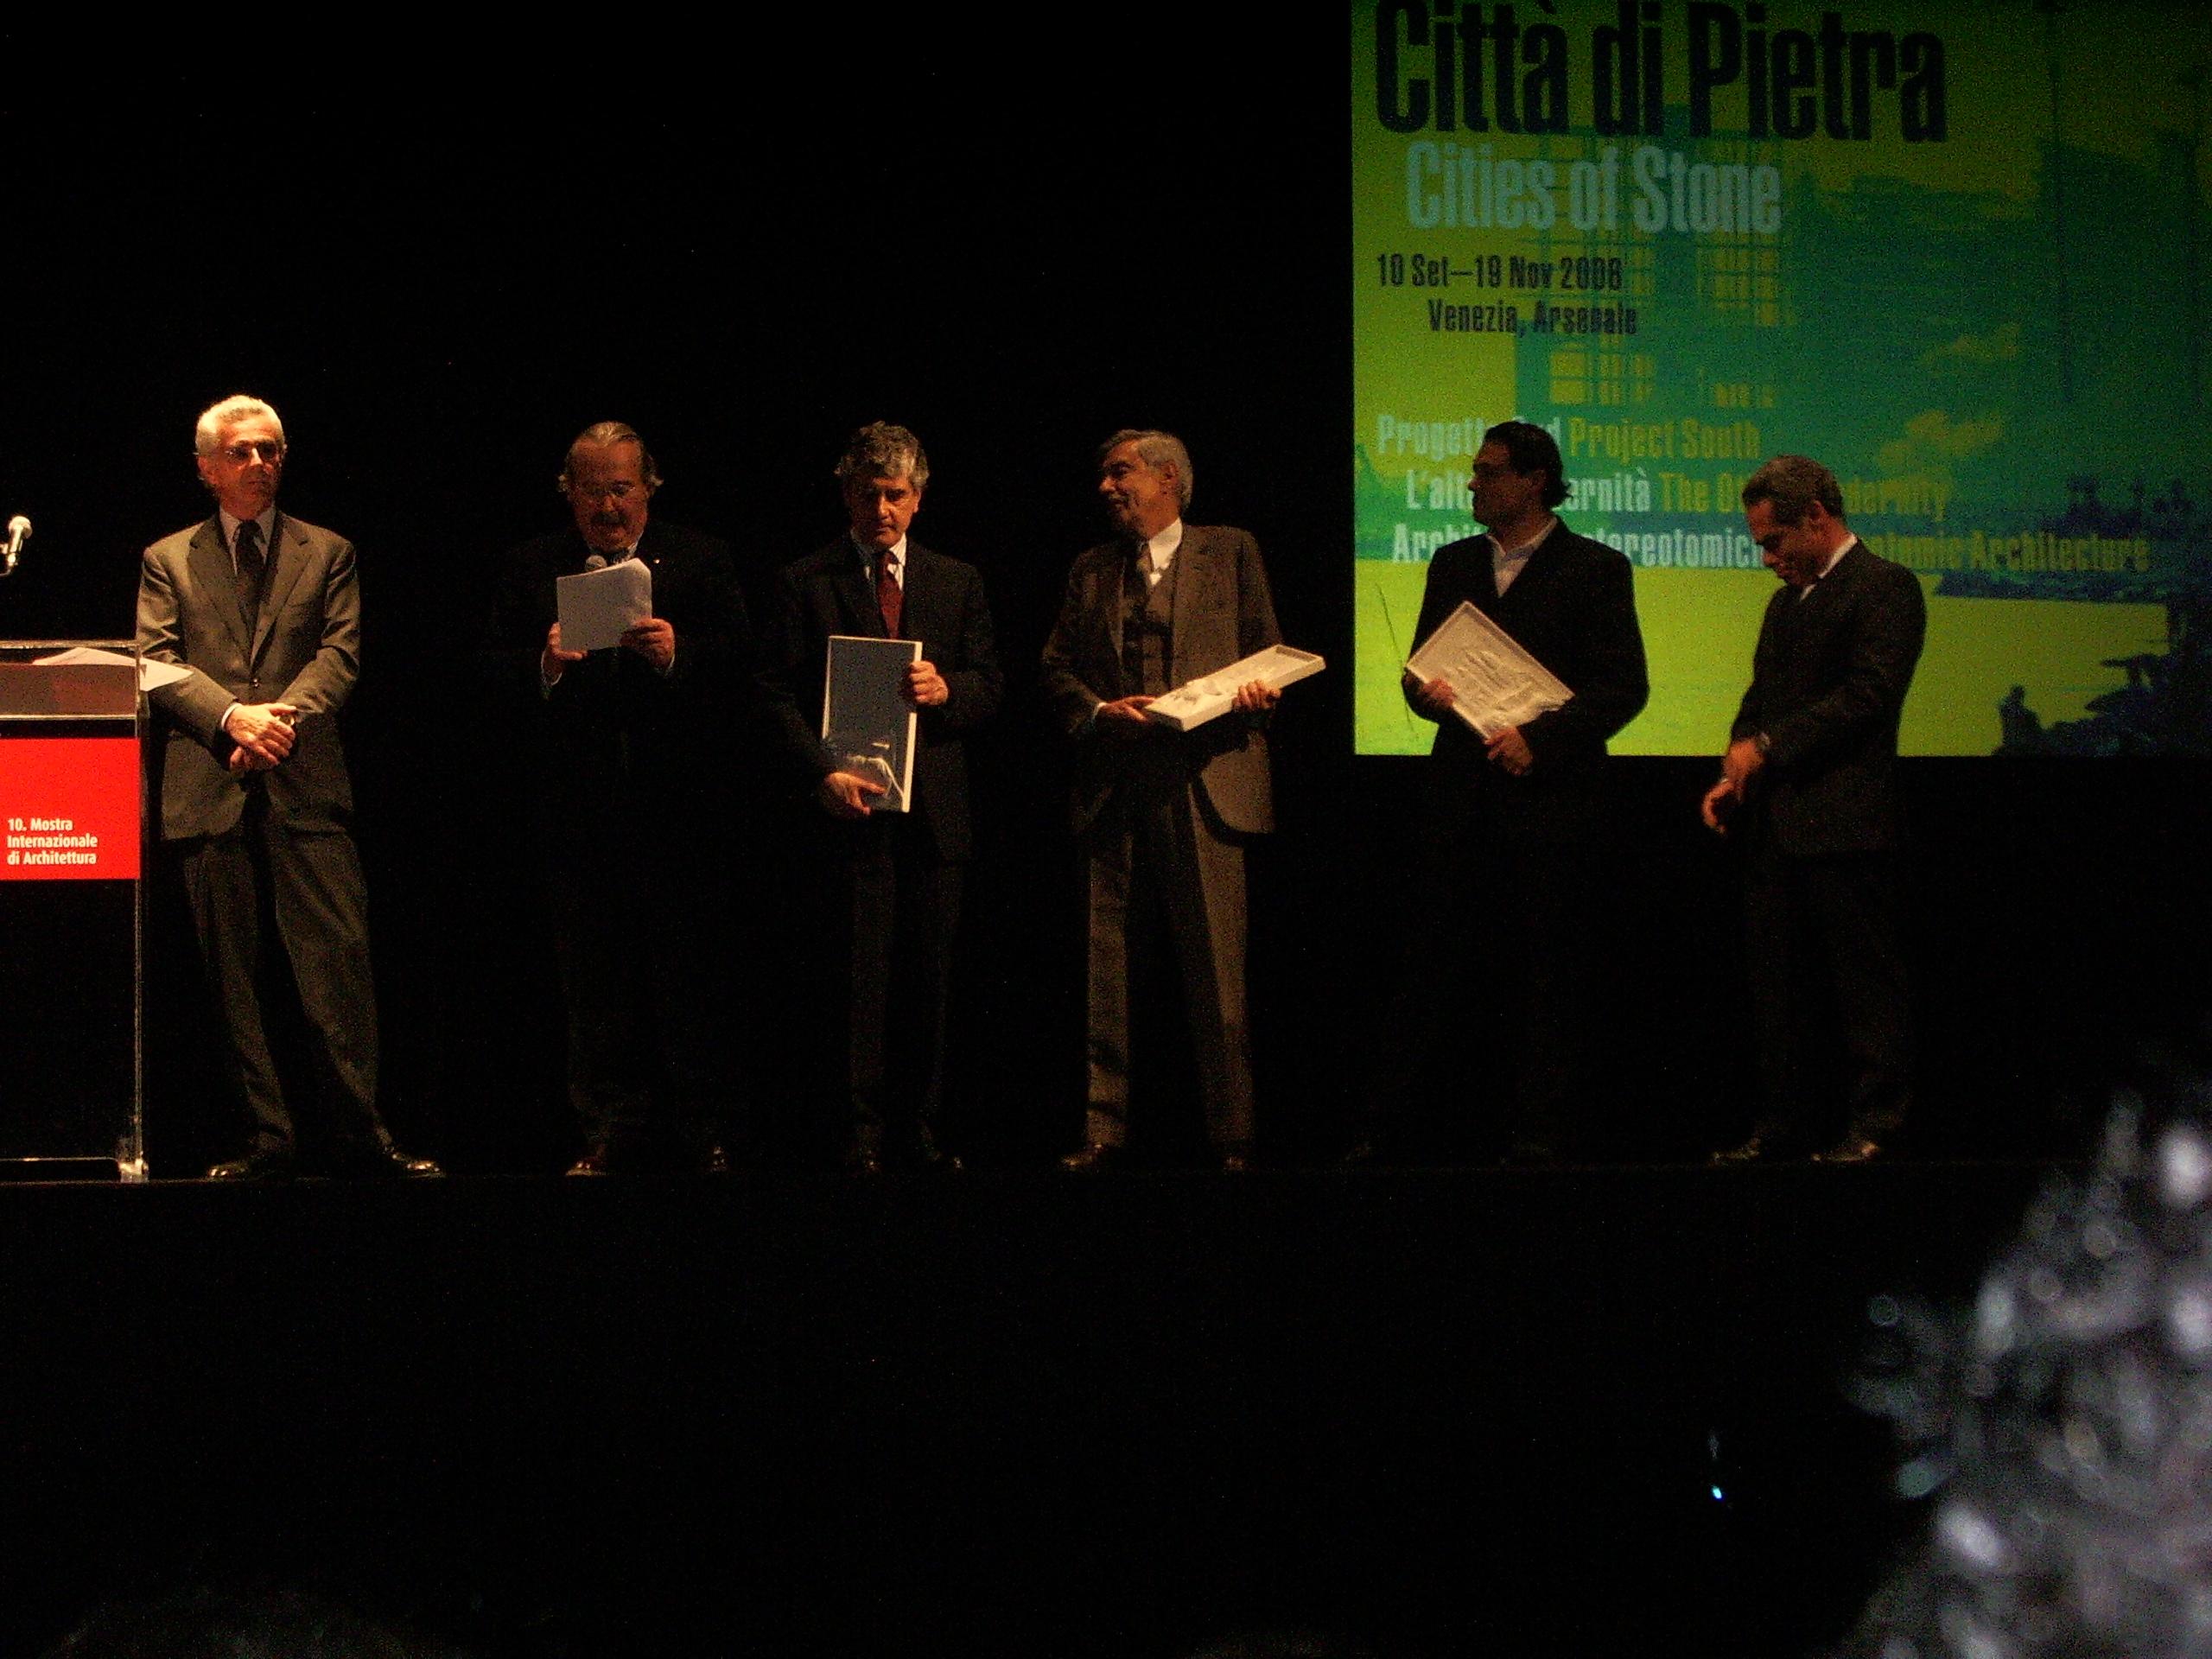 Leone di Pietra - La Fenice Biennale di Venezia - Premiazione